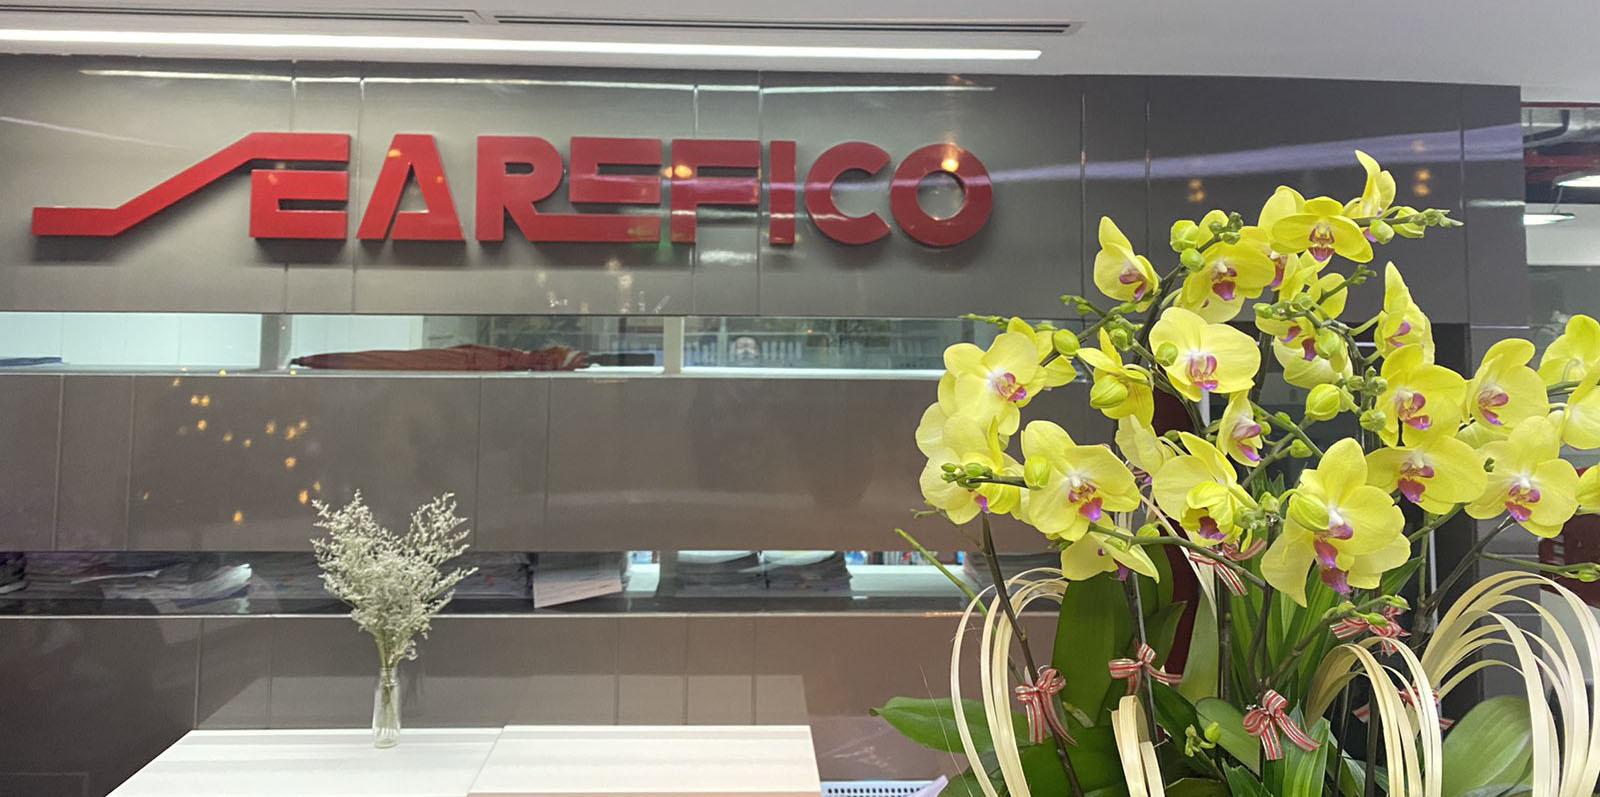 Doanh thu giảm, Searefico vẫn lãi ròng hơn 2 tỷ đồng trong quý II/2021